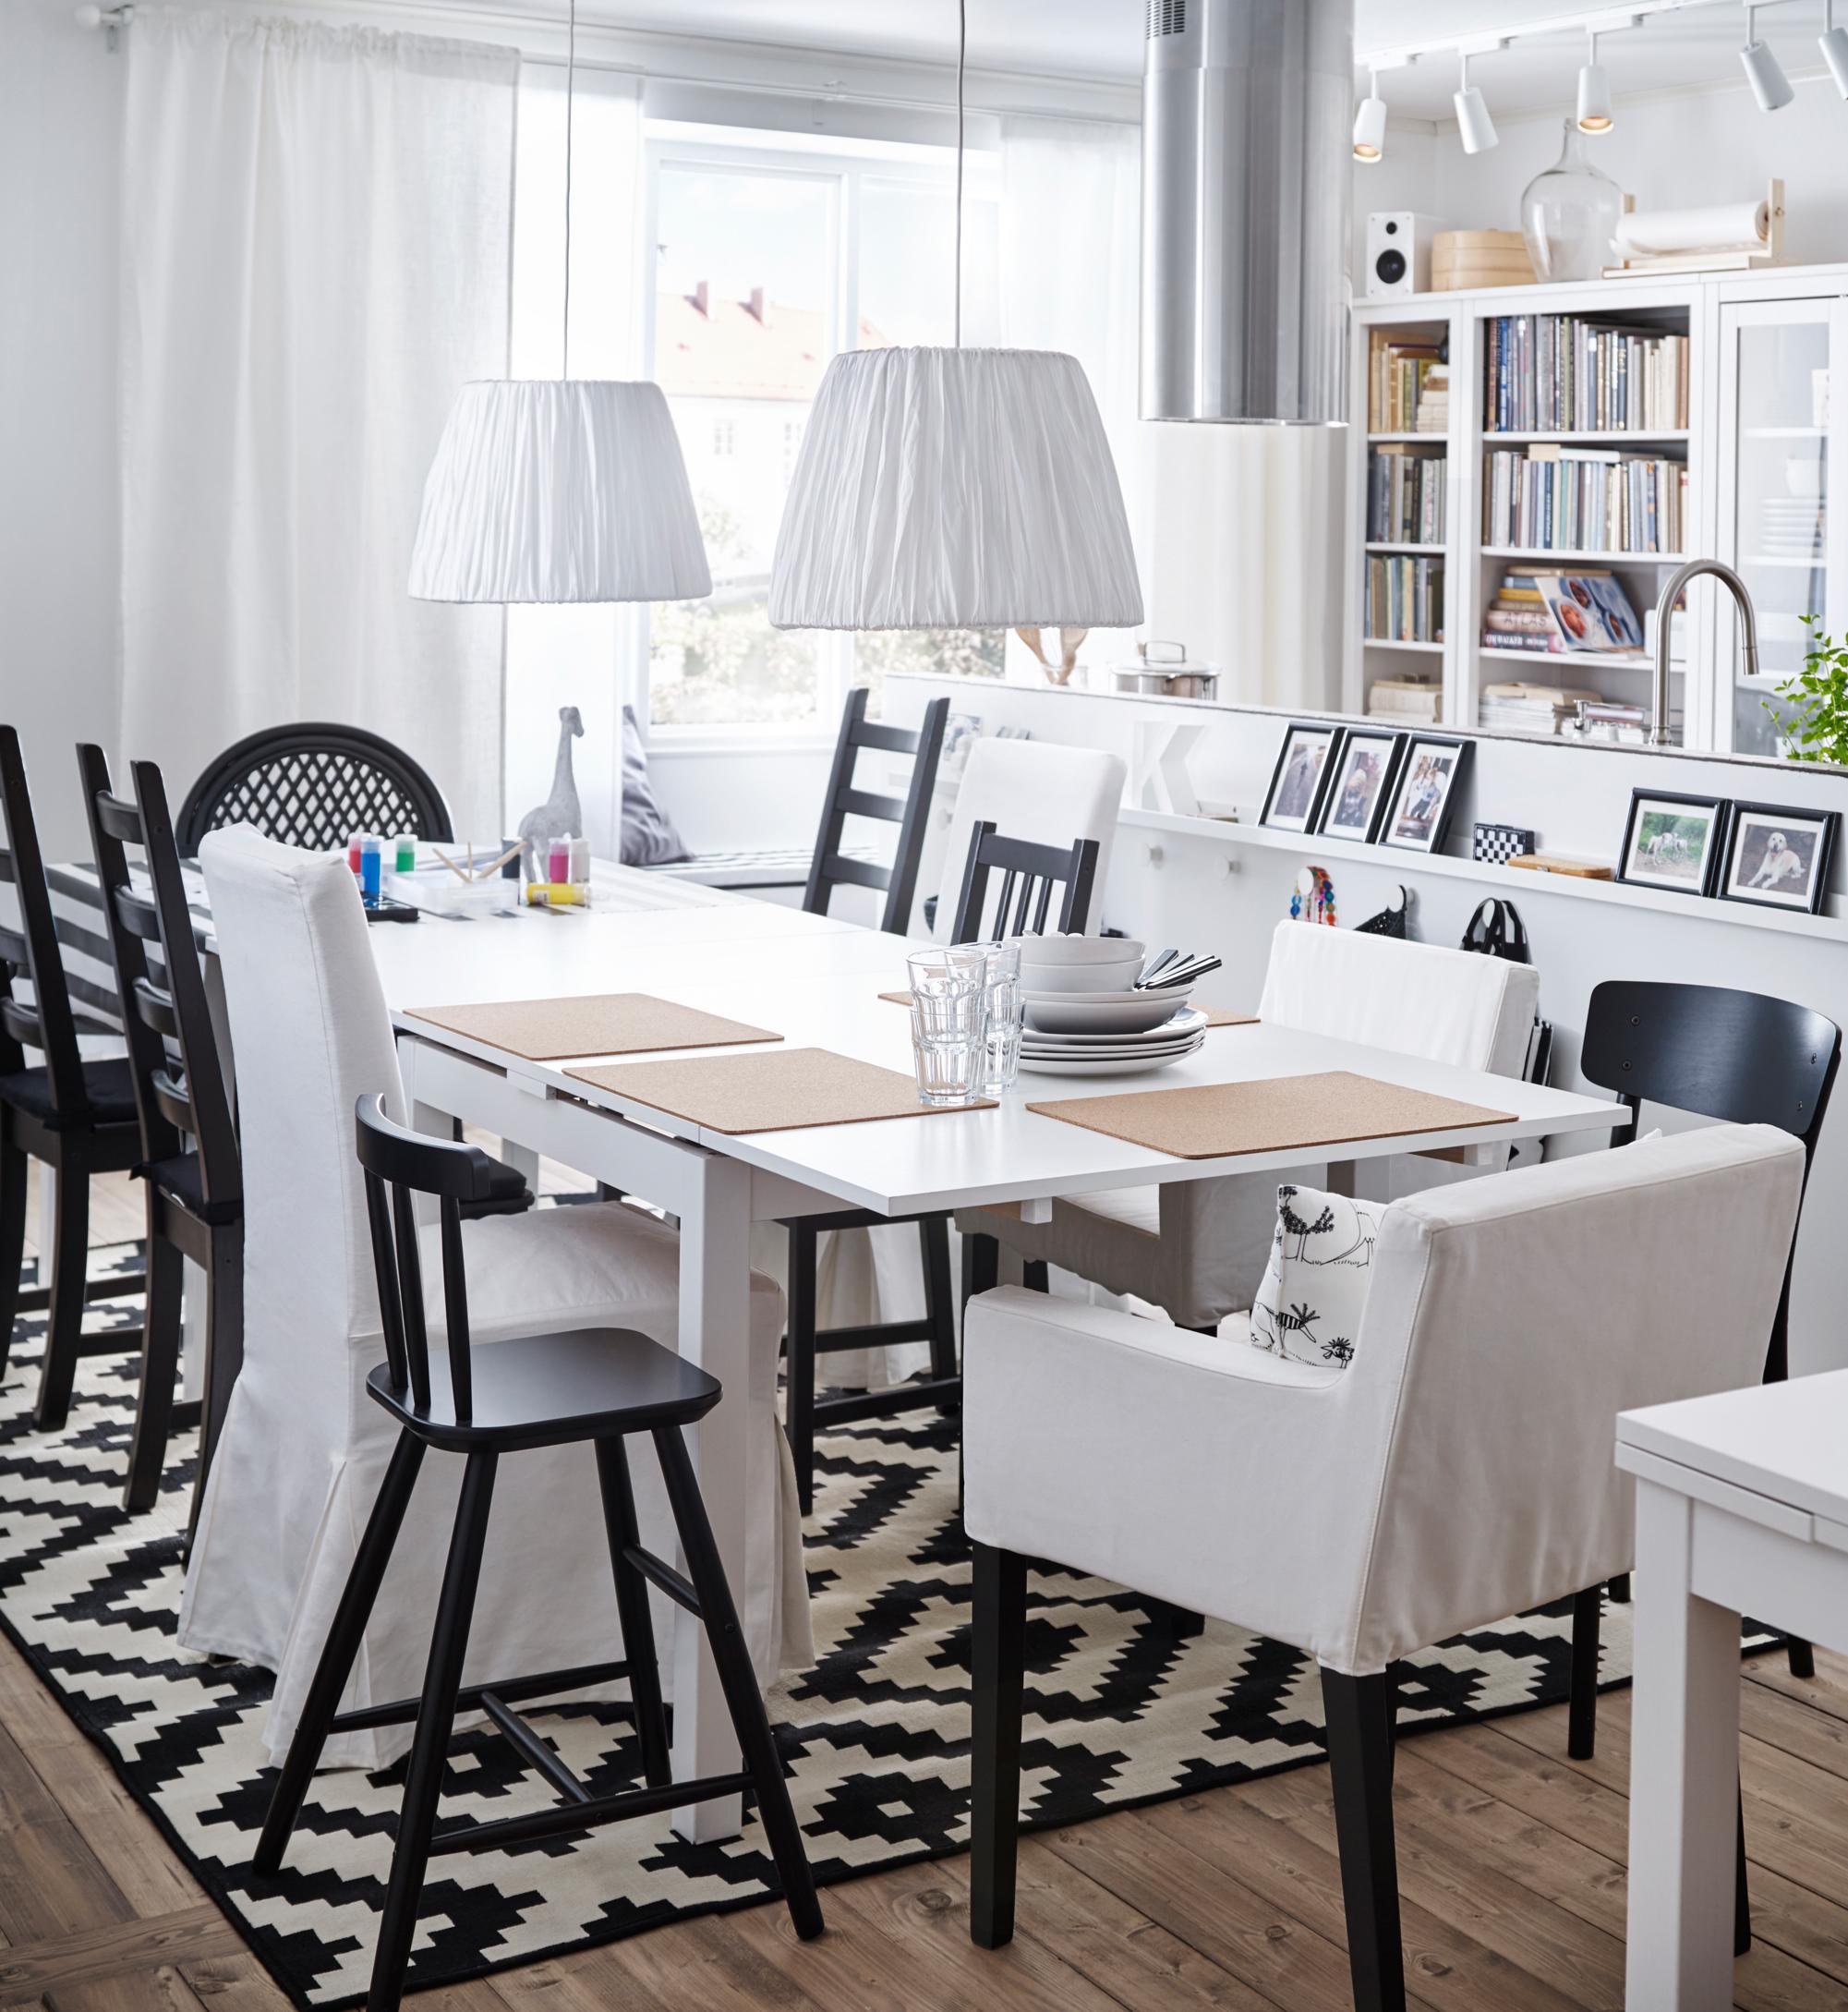 Esszimmer In Schwarz-Weiß #Wohnzimmer #Esstisch #Ike